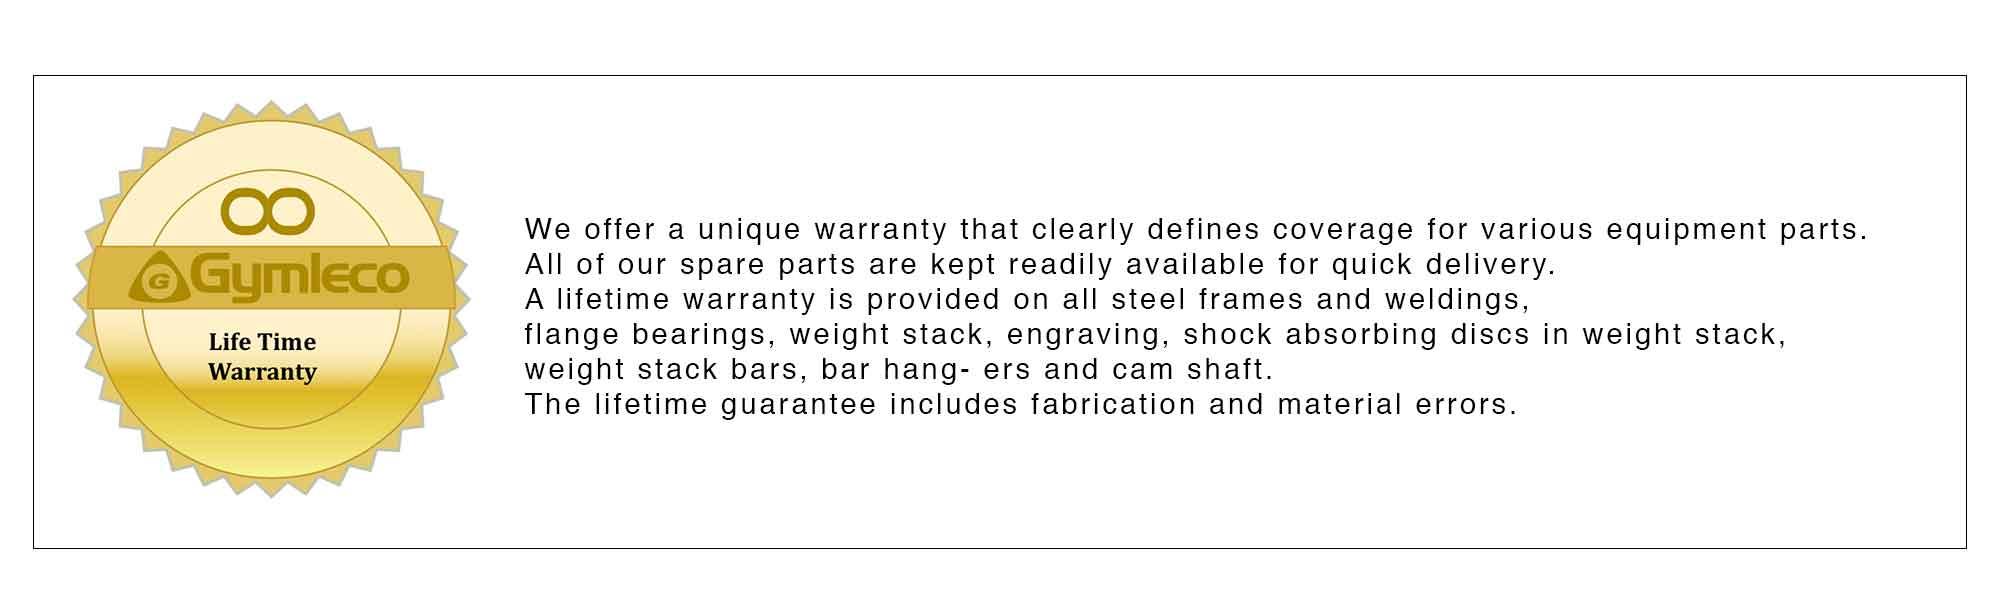 warranty-plate-loaded.jpg